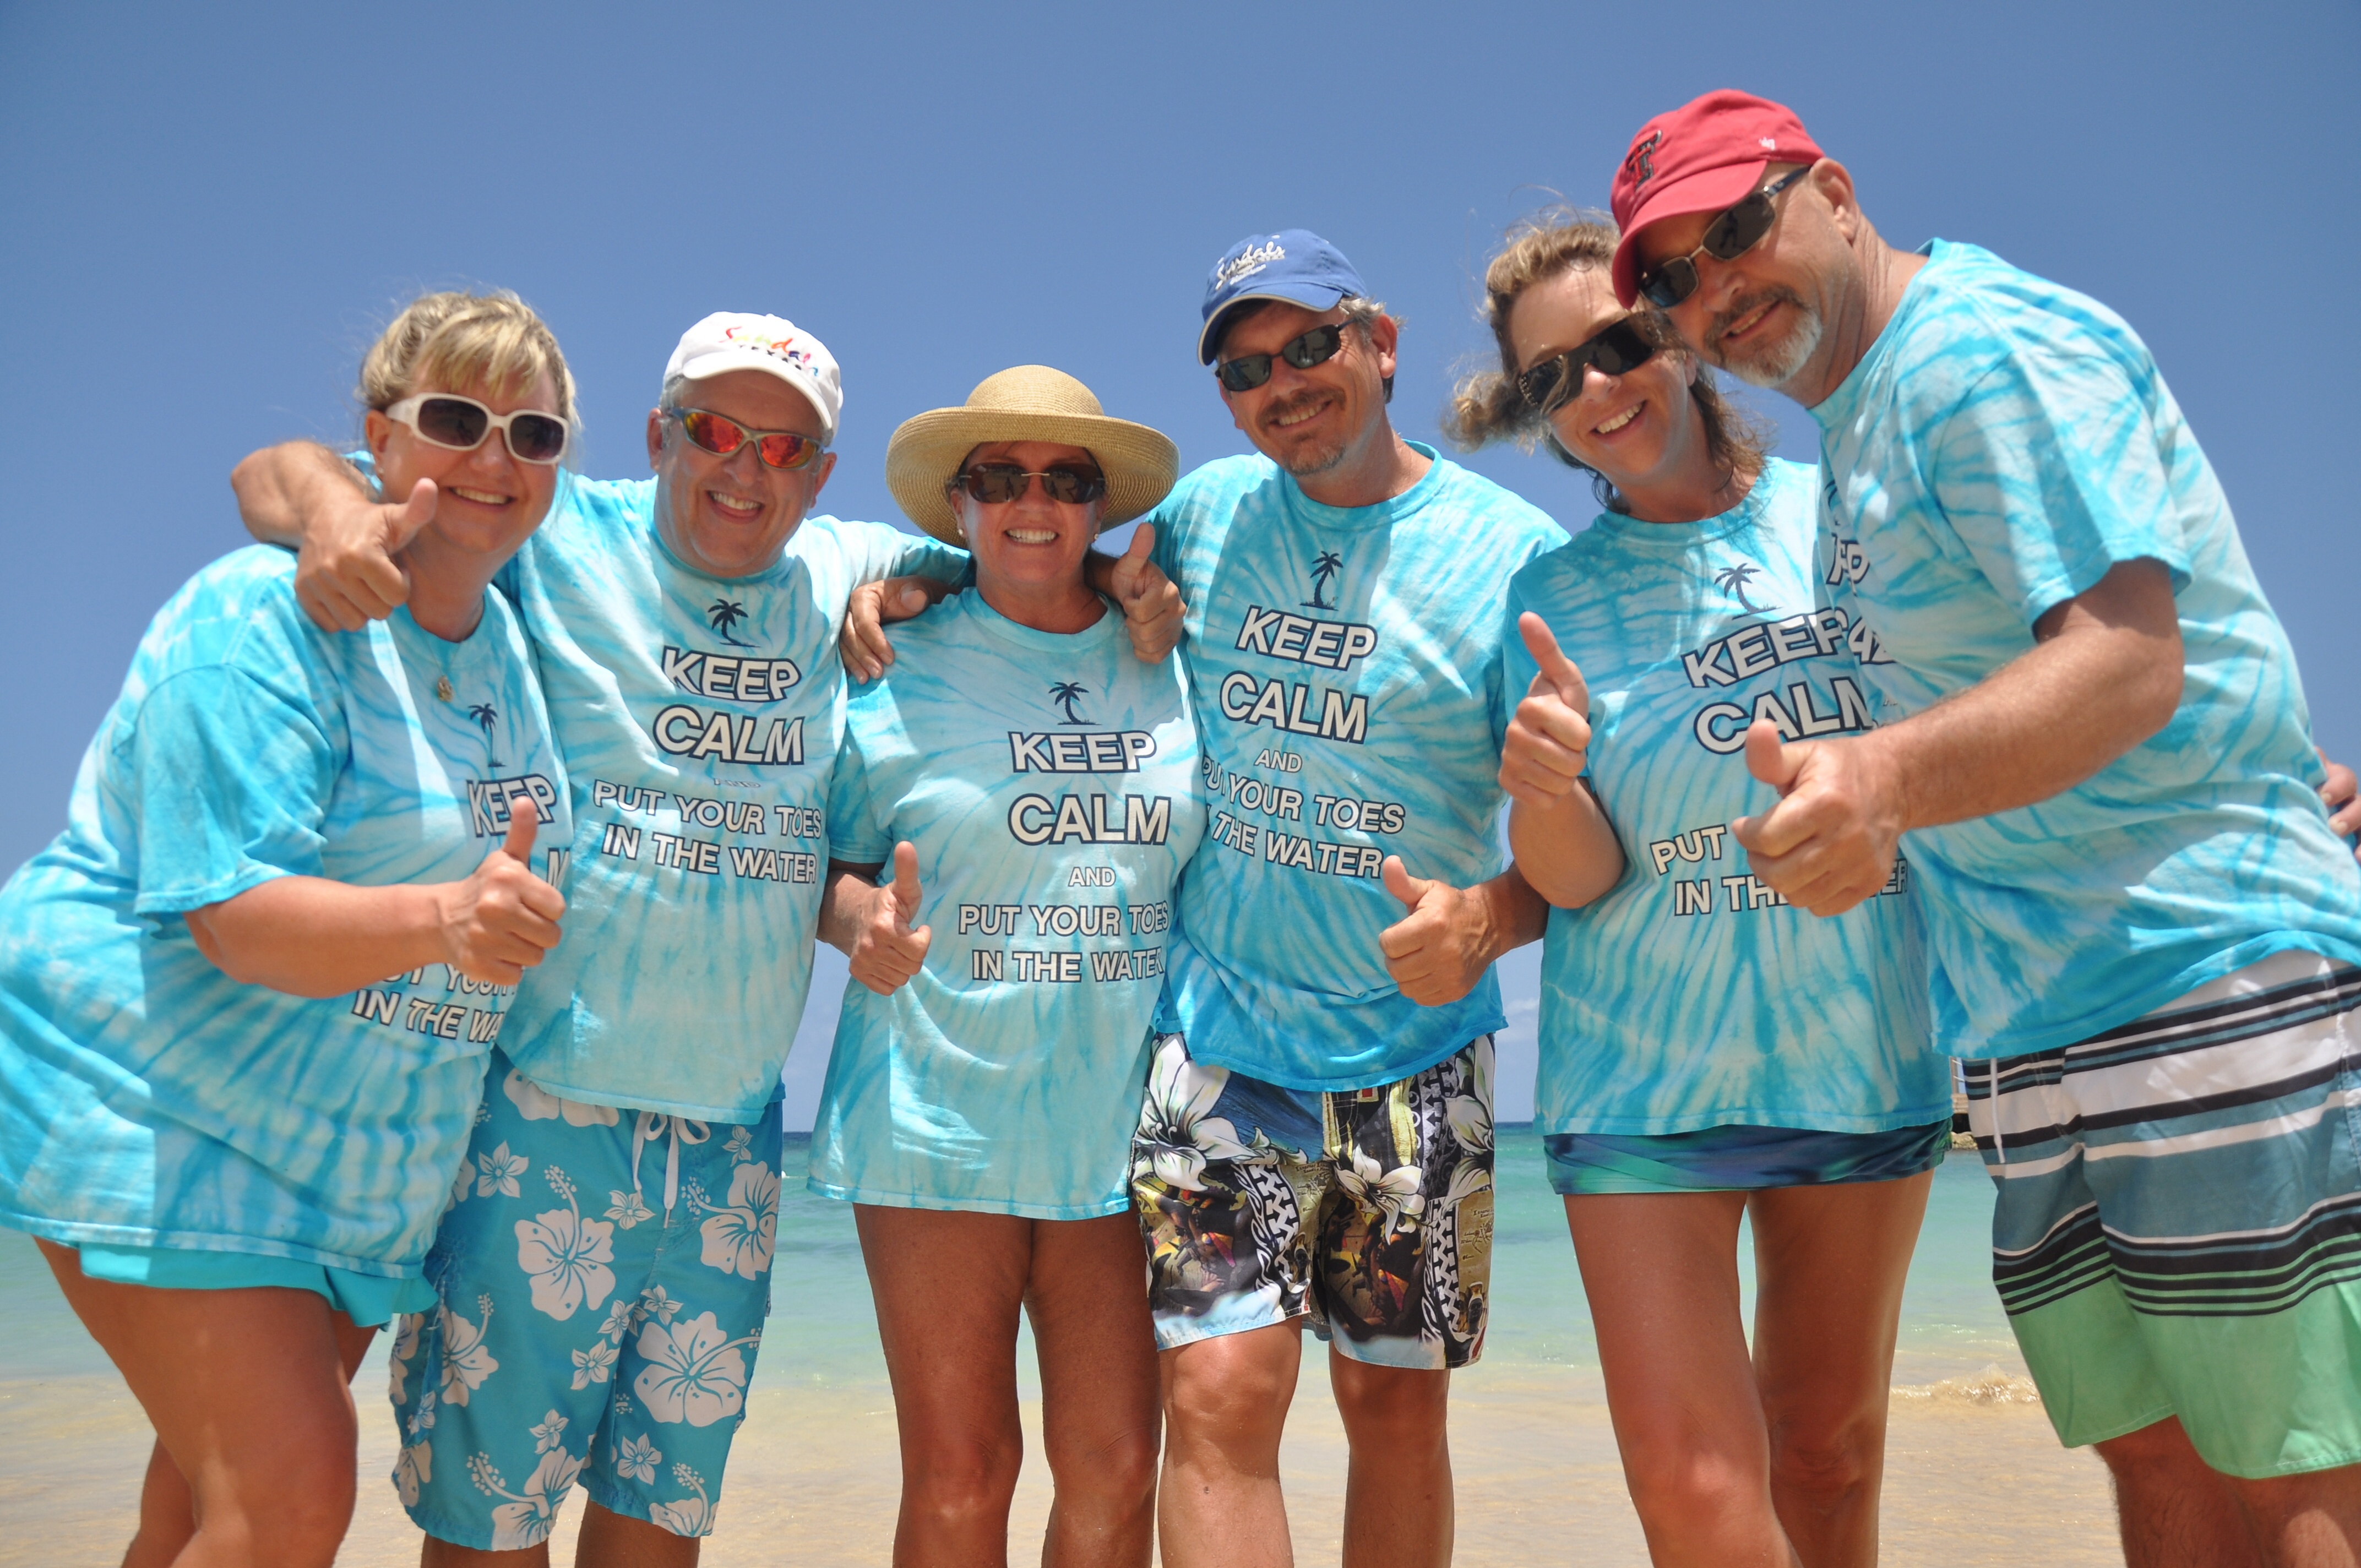 Design your own t-shirt keep calm - Keep Calm On The Beach In Jamaica T Shirt Photo